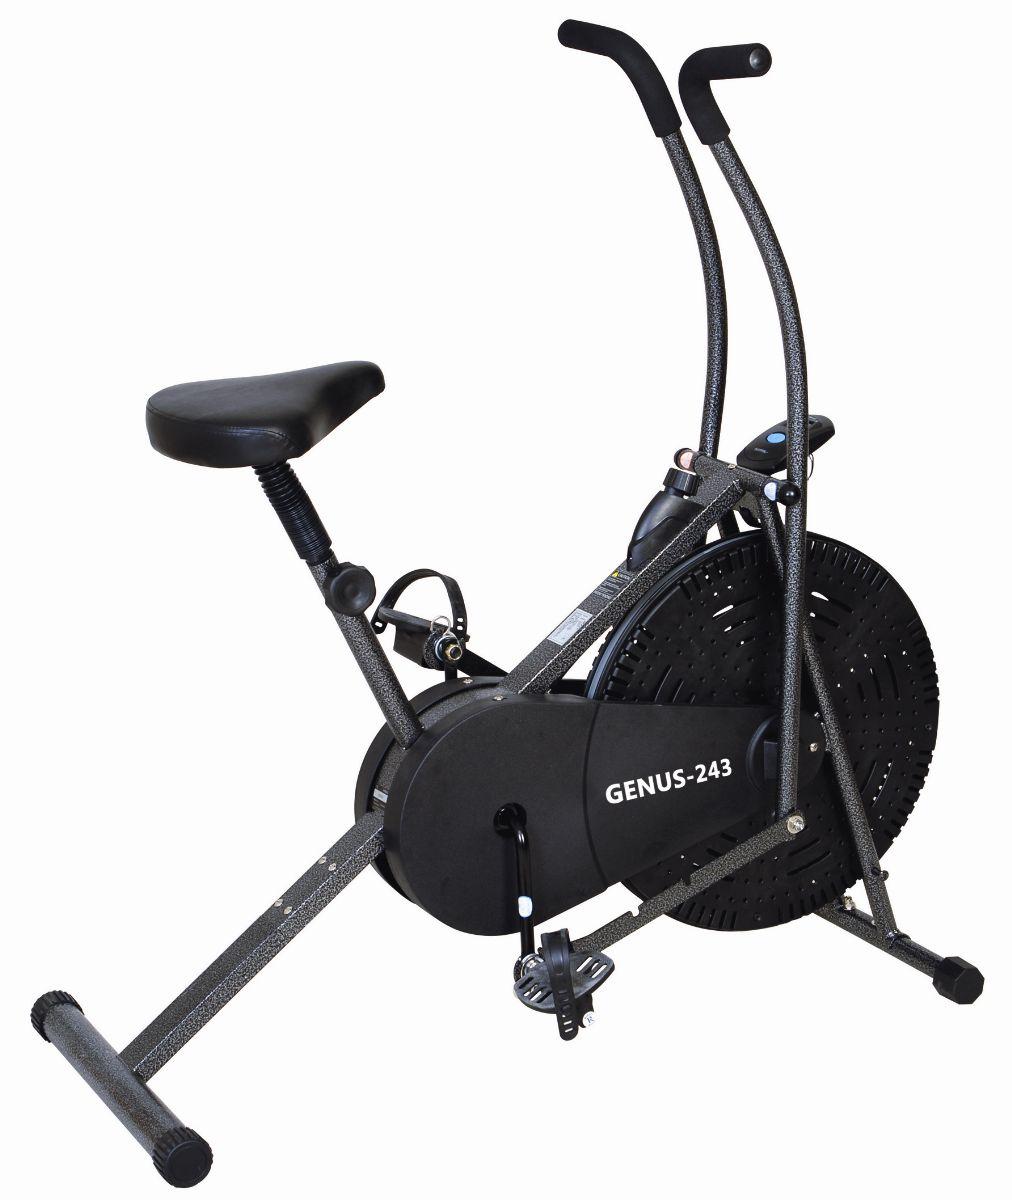 Xe đạp tập Genus 243